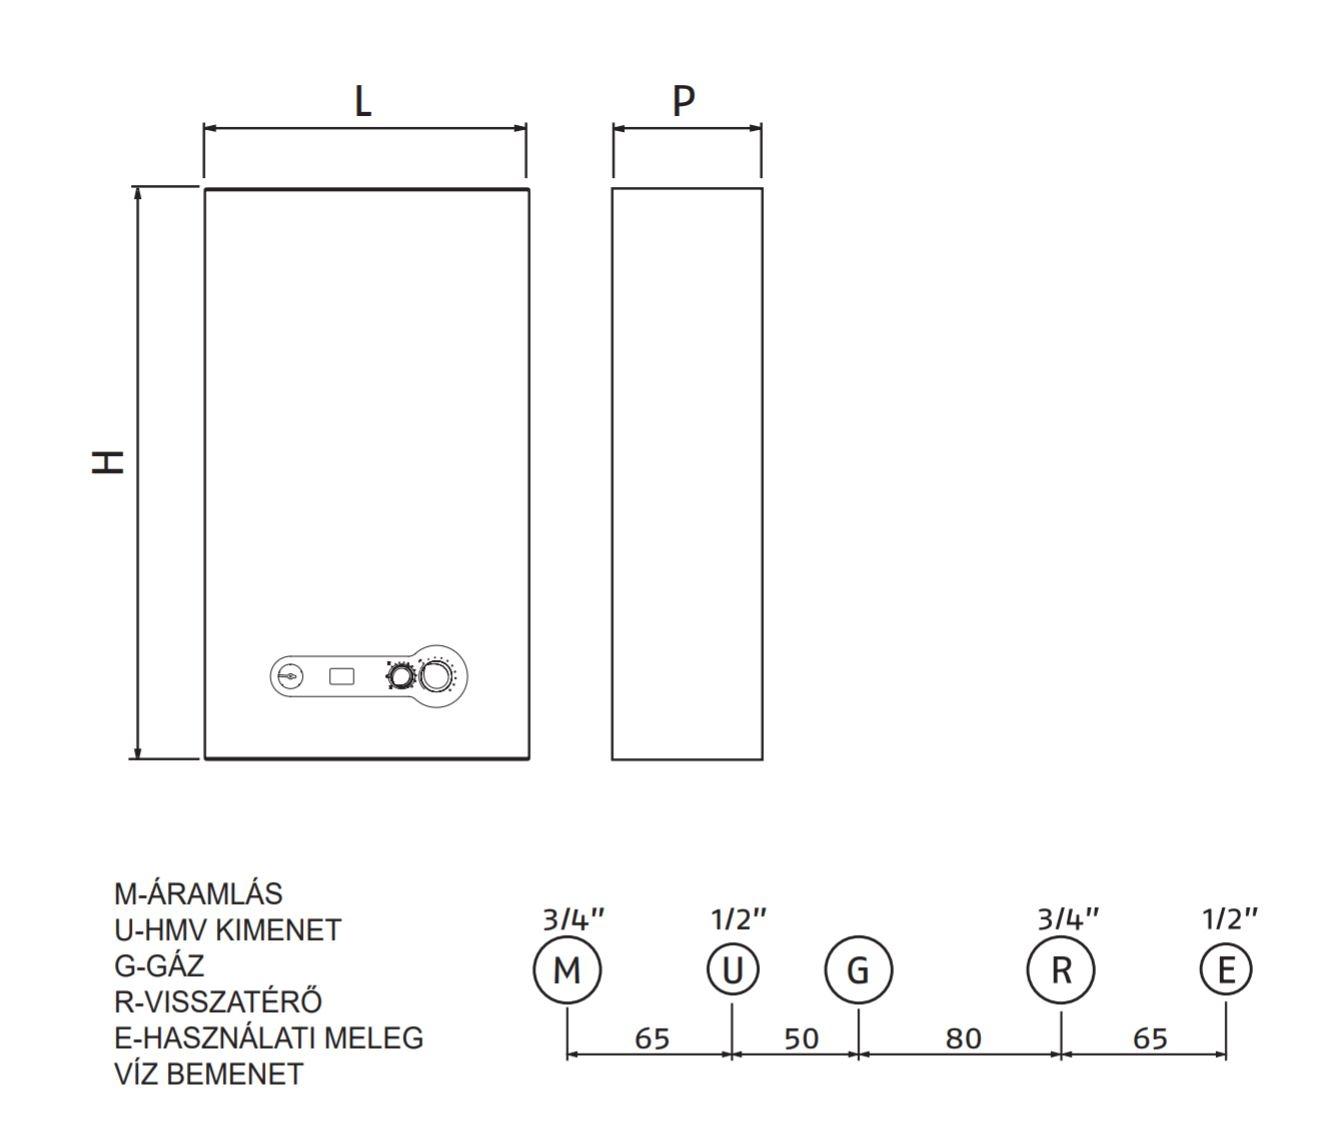 Riello Start Condens 29 KIS MTN Fali kondenzációs kombi gázkazán 24 kW műszaki ábra